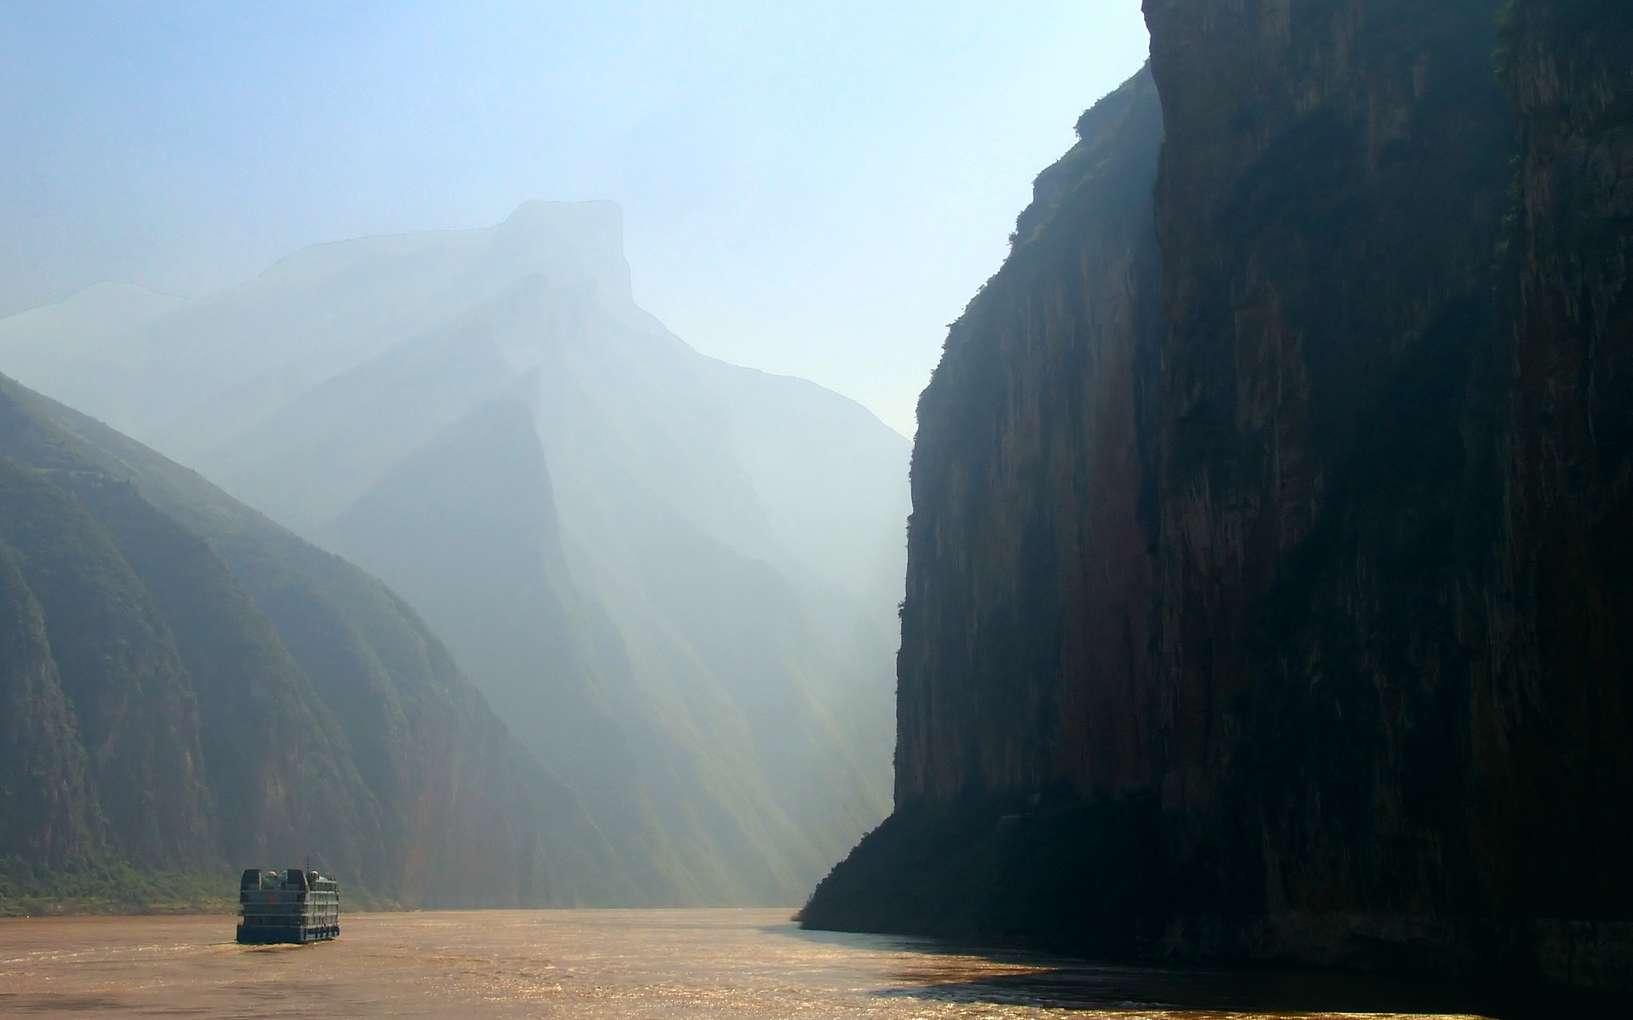 Il y a 5.000 ans, le long du fleuve Jaune, en Chine, dans l'actuelle province du Shandong, prospérait une société d'agriculteurs, où l'on était, semble-t-il, plus grand que la moyenne. © hapa7, Fotolia